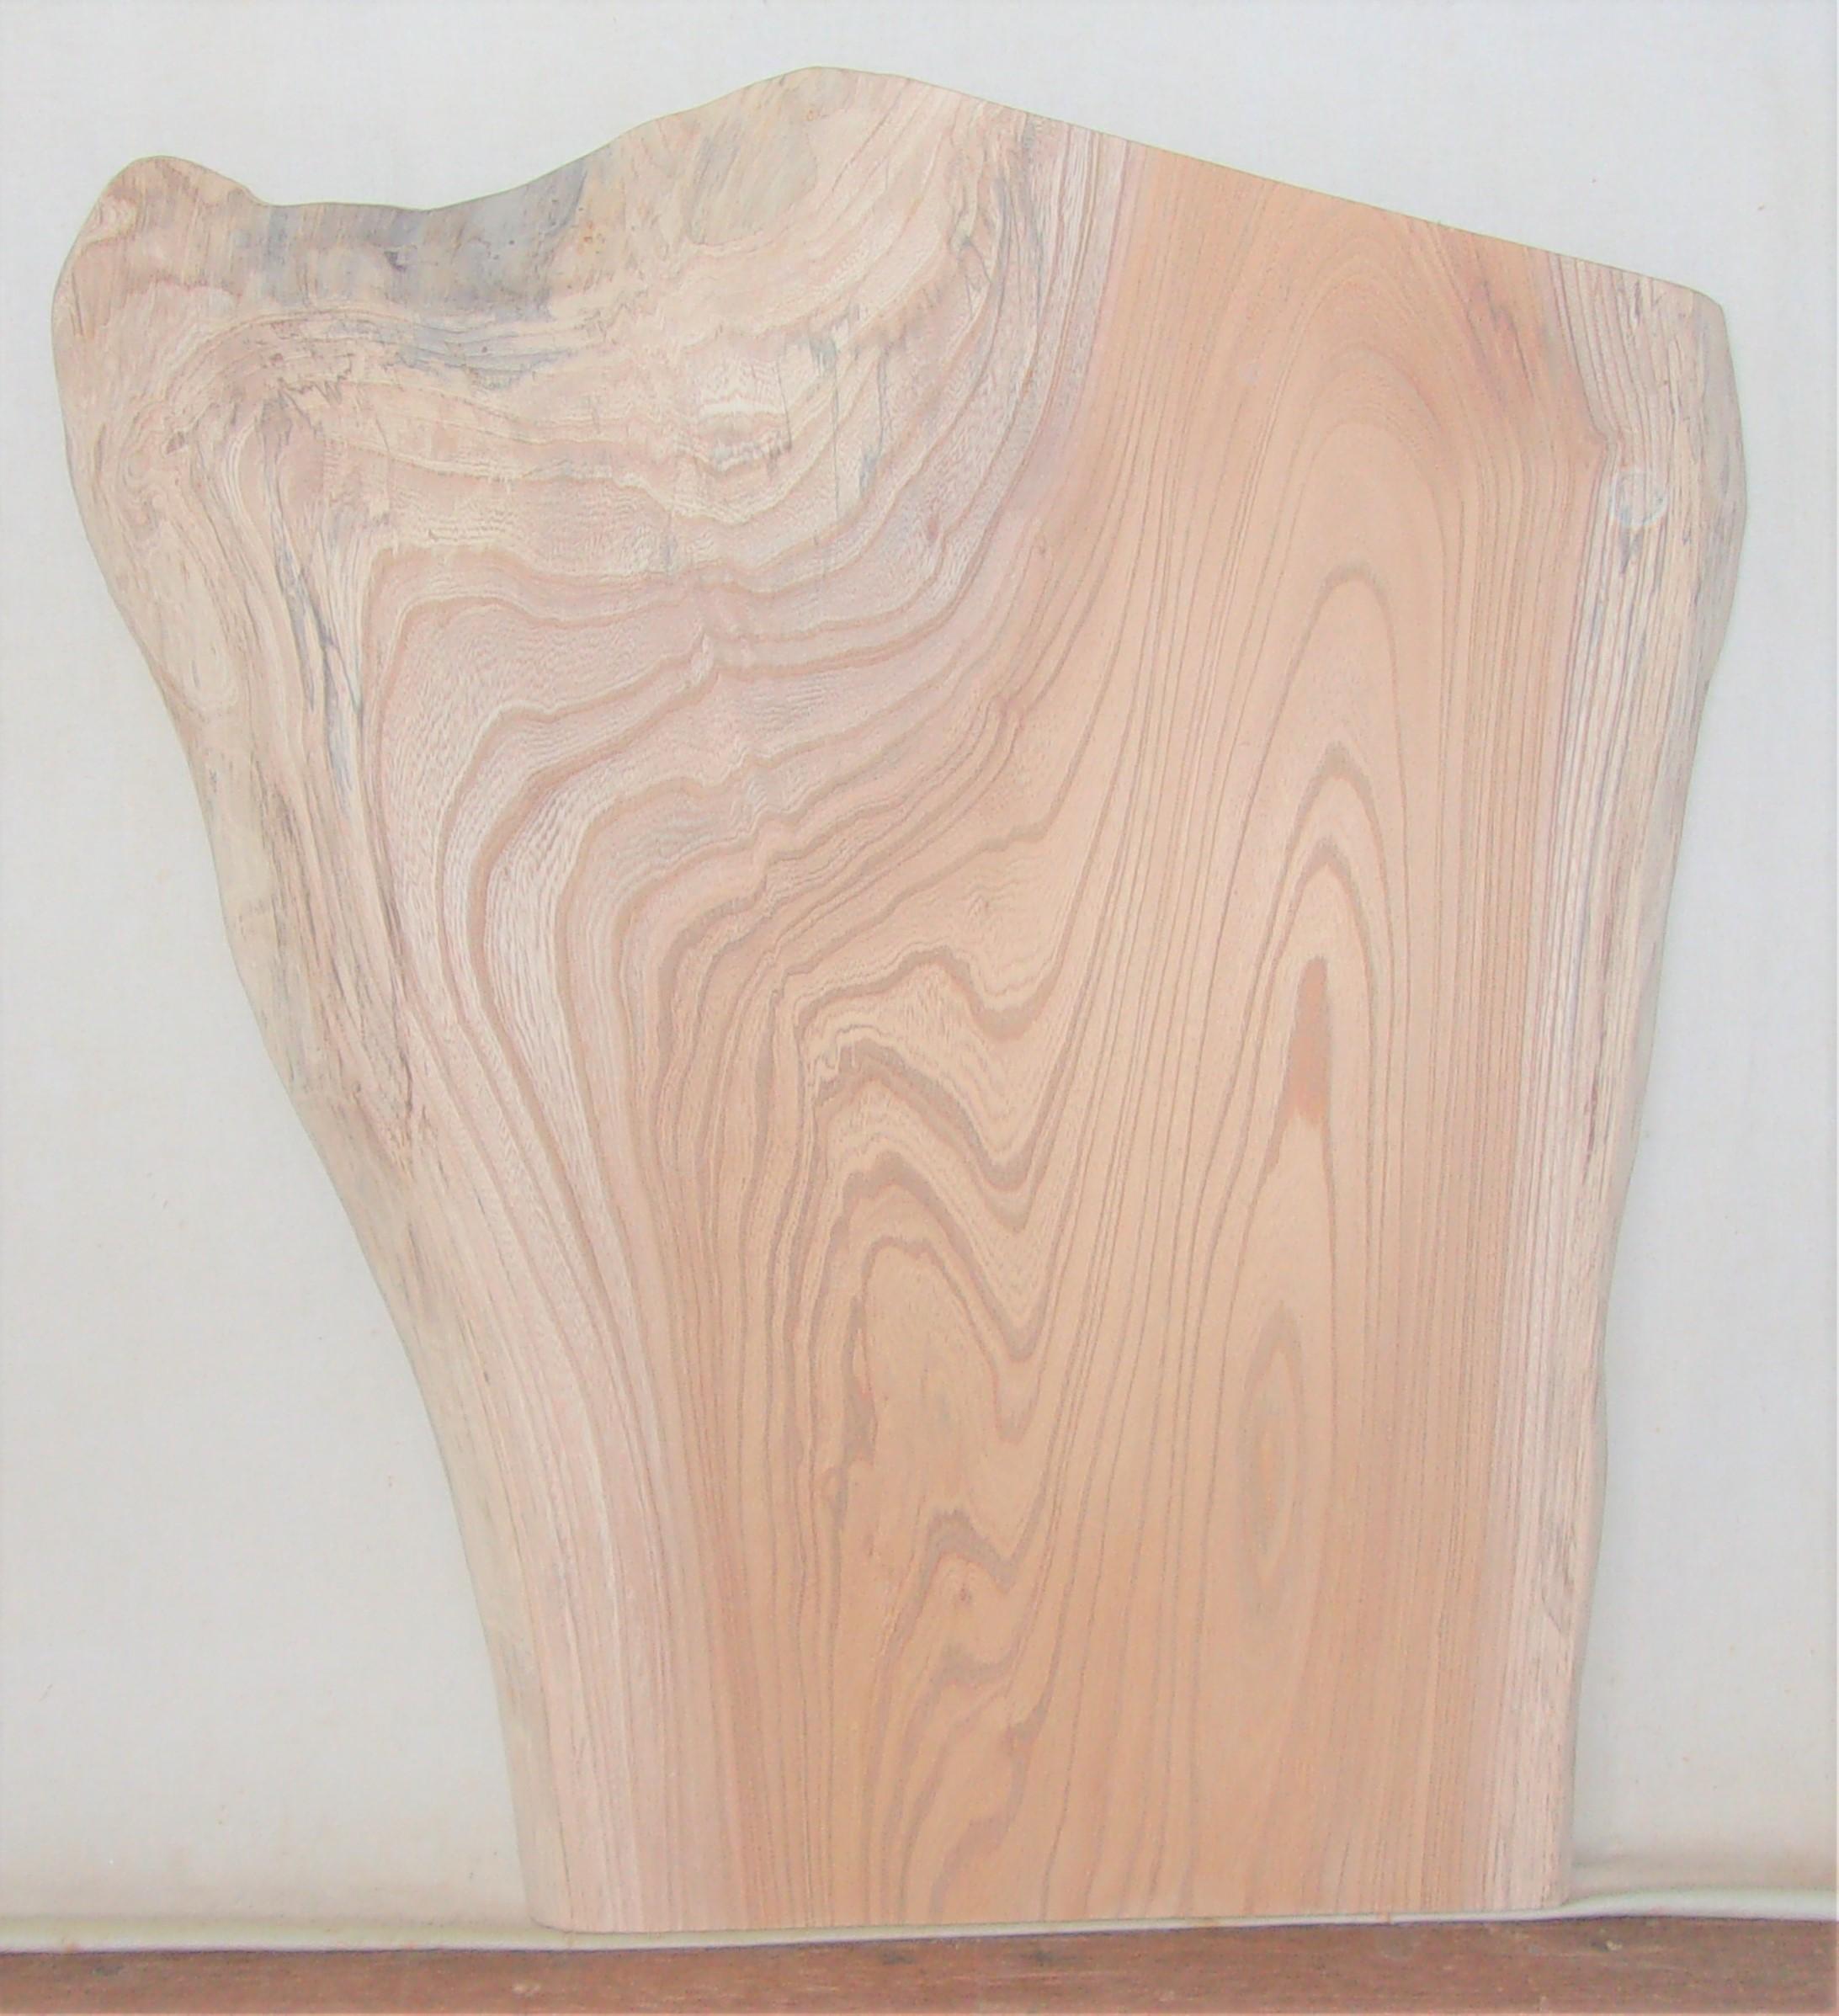 【送料・手数料無料】 山成林業 小型無垢一枚板 KD-588 ケヤキ 小型看板に最適